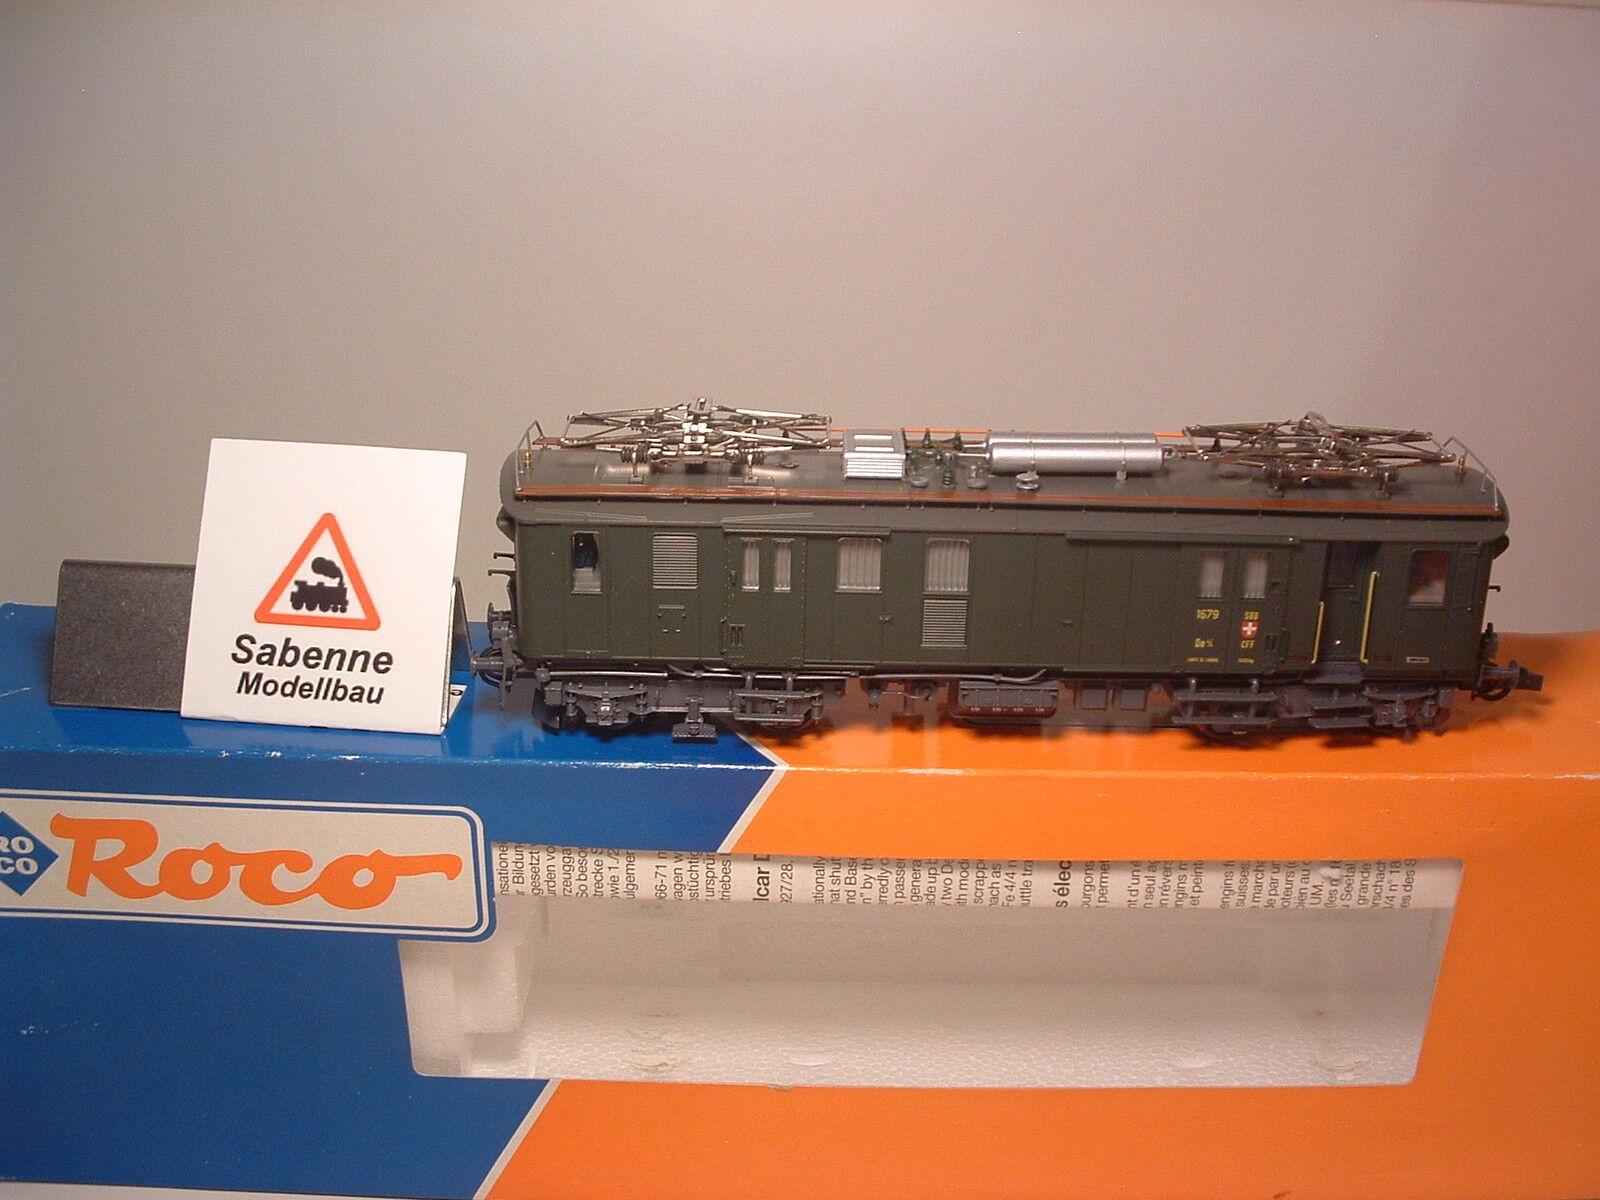 Roco h0 43630 eléctrica gepäcktriebwagen de 4 4 SBB OVP raras